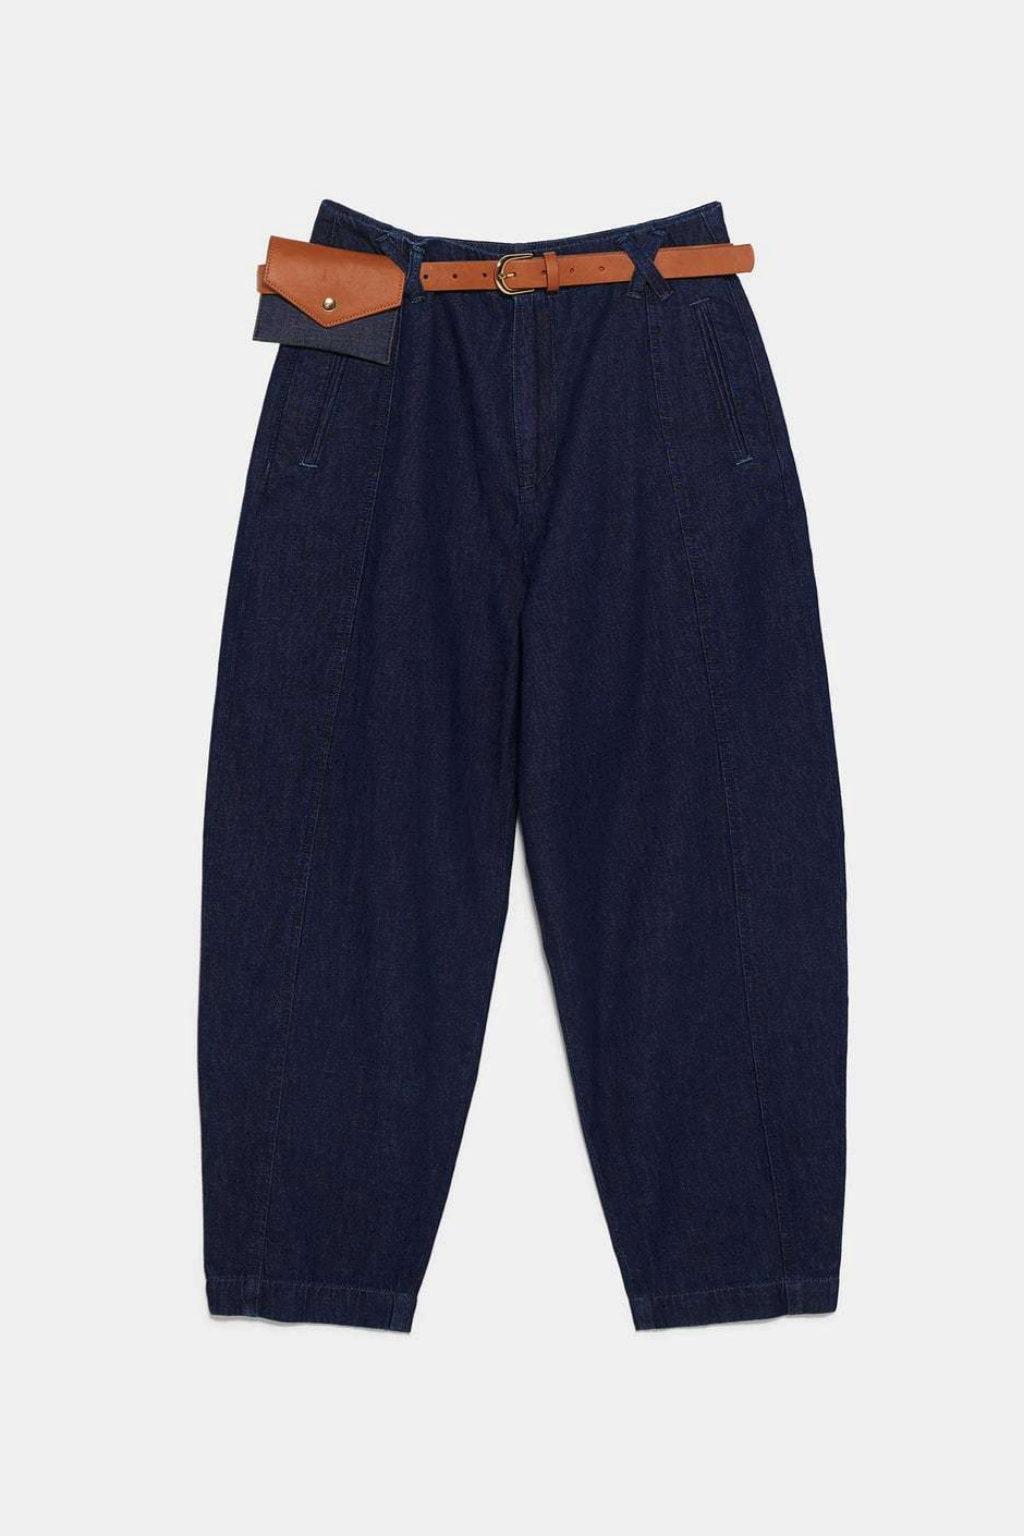 Jeans tipo baggy con riñonera de Zara